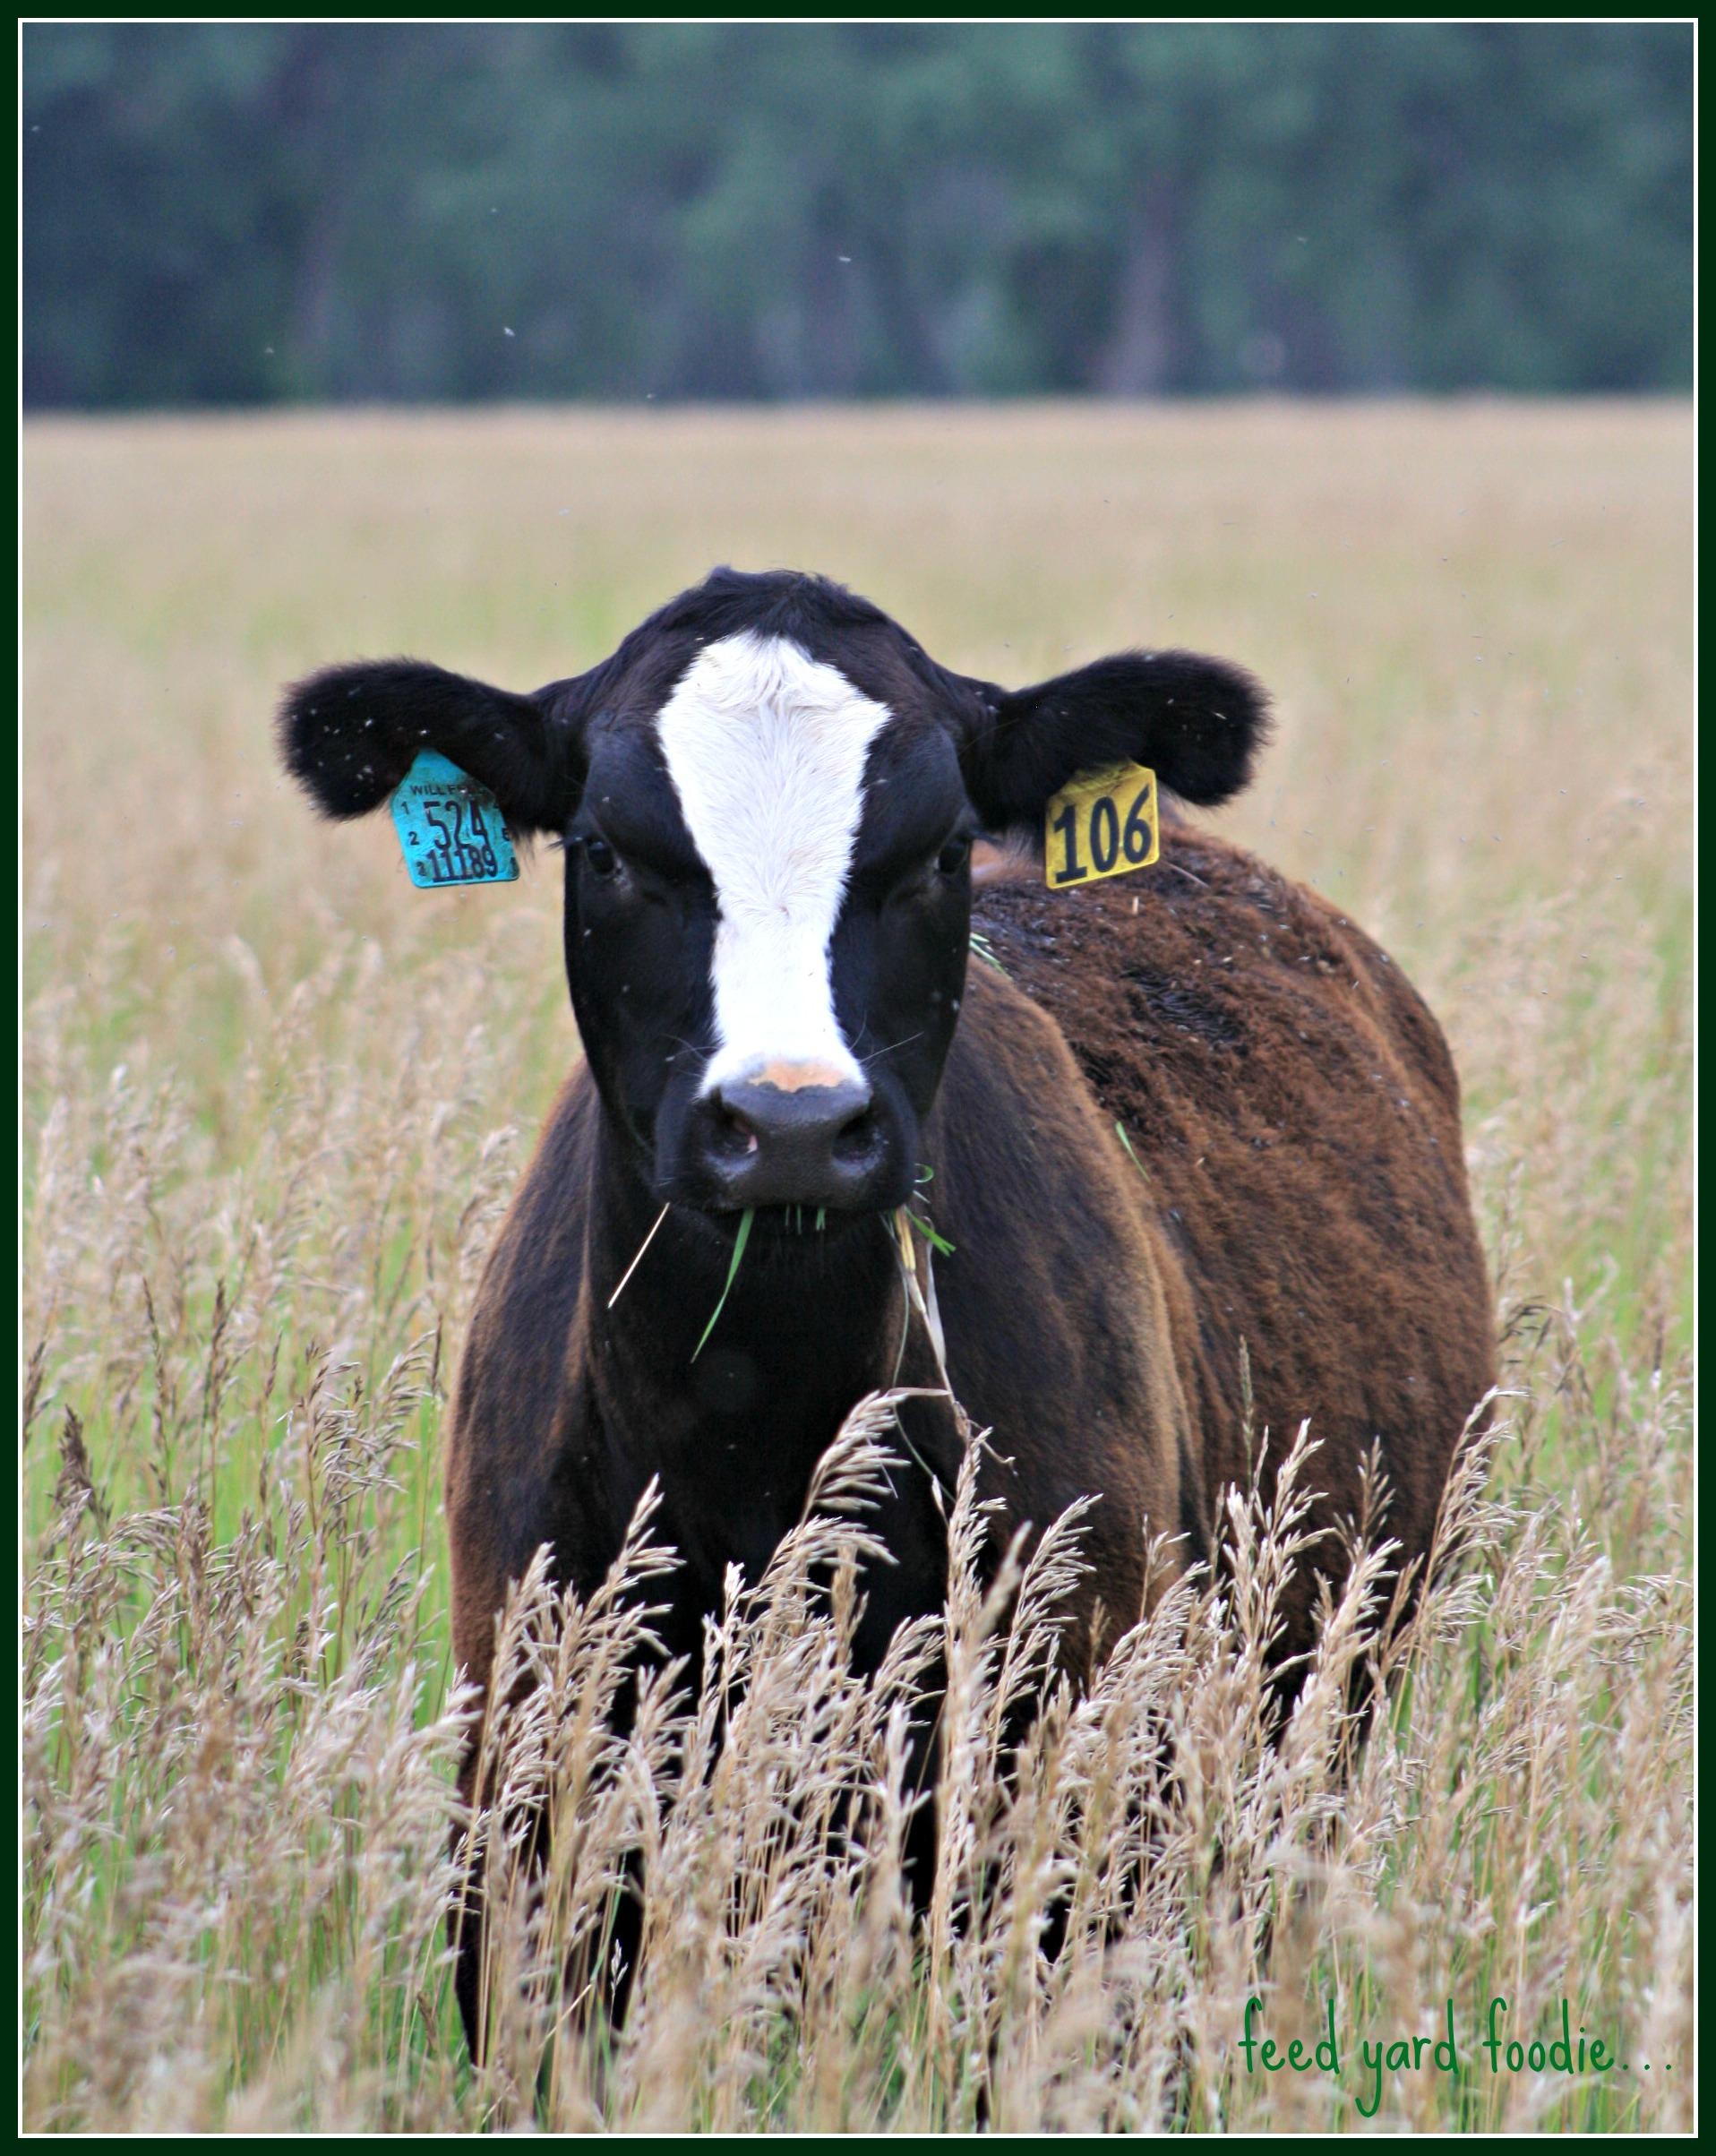 Feed Yard Foodie: Certified Angus Beef